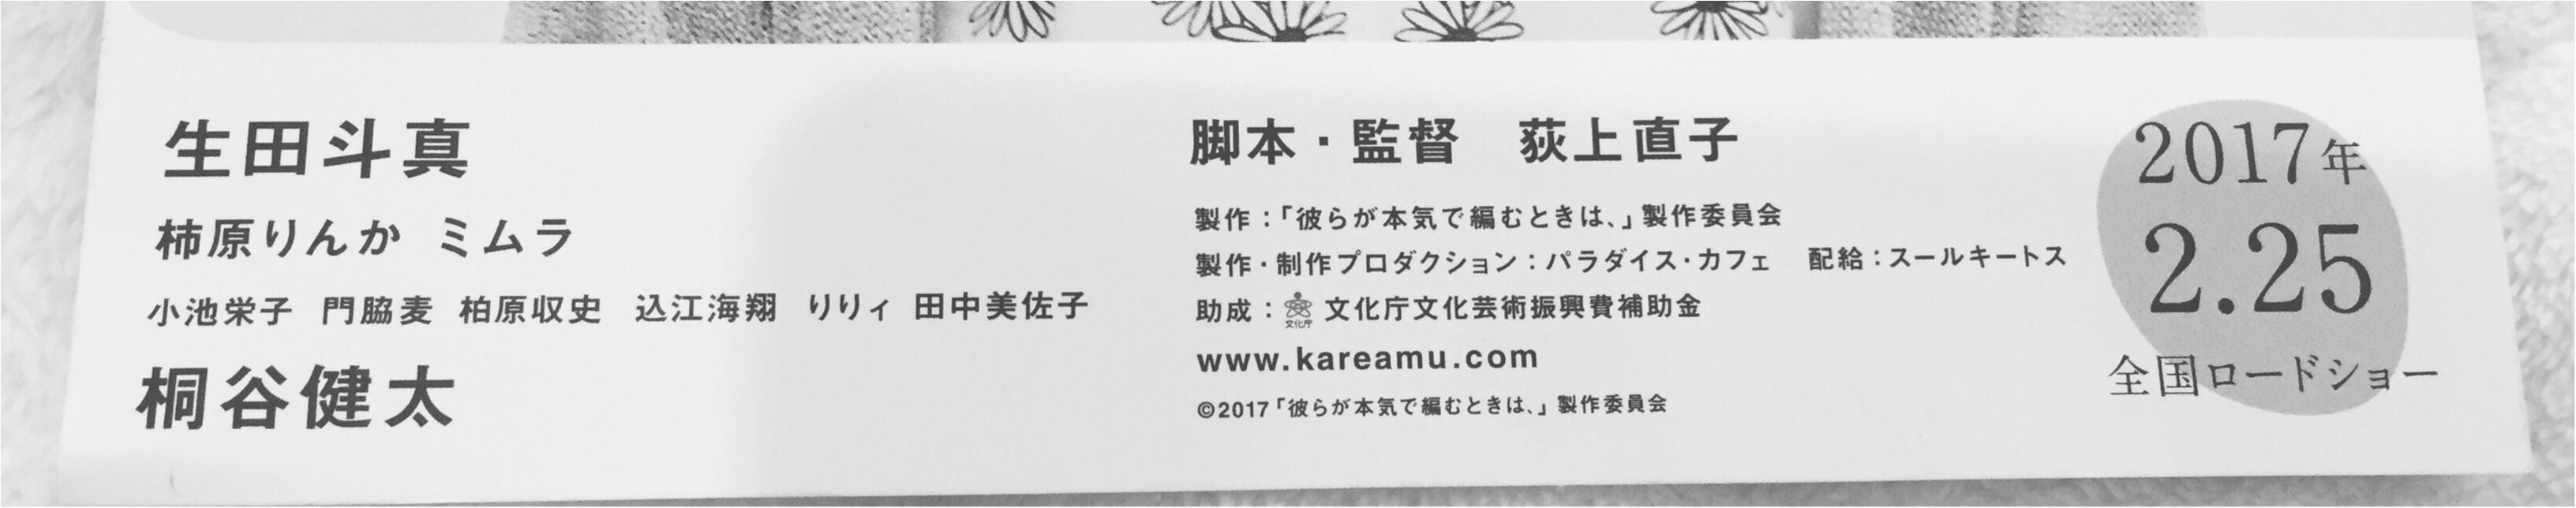 《*舞台*》生田斗真さんがヴィジュアル系ロックバンドのヴォーカル!?  劇団☆新感線『Vamp Bamboo Burn~ヴァン・バン・バーン~』を観てきました!!_6